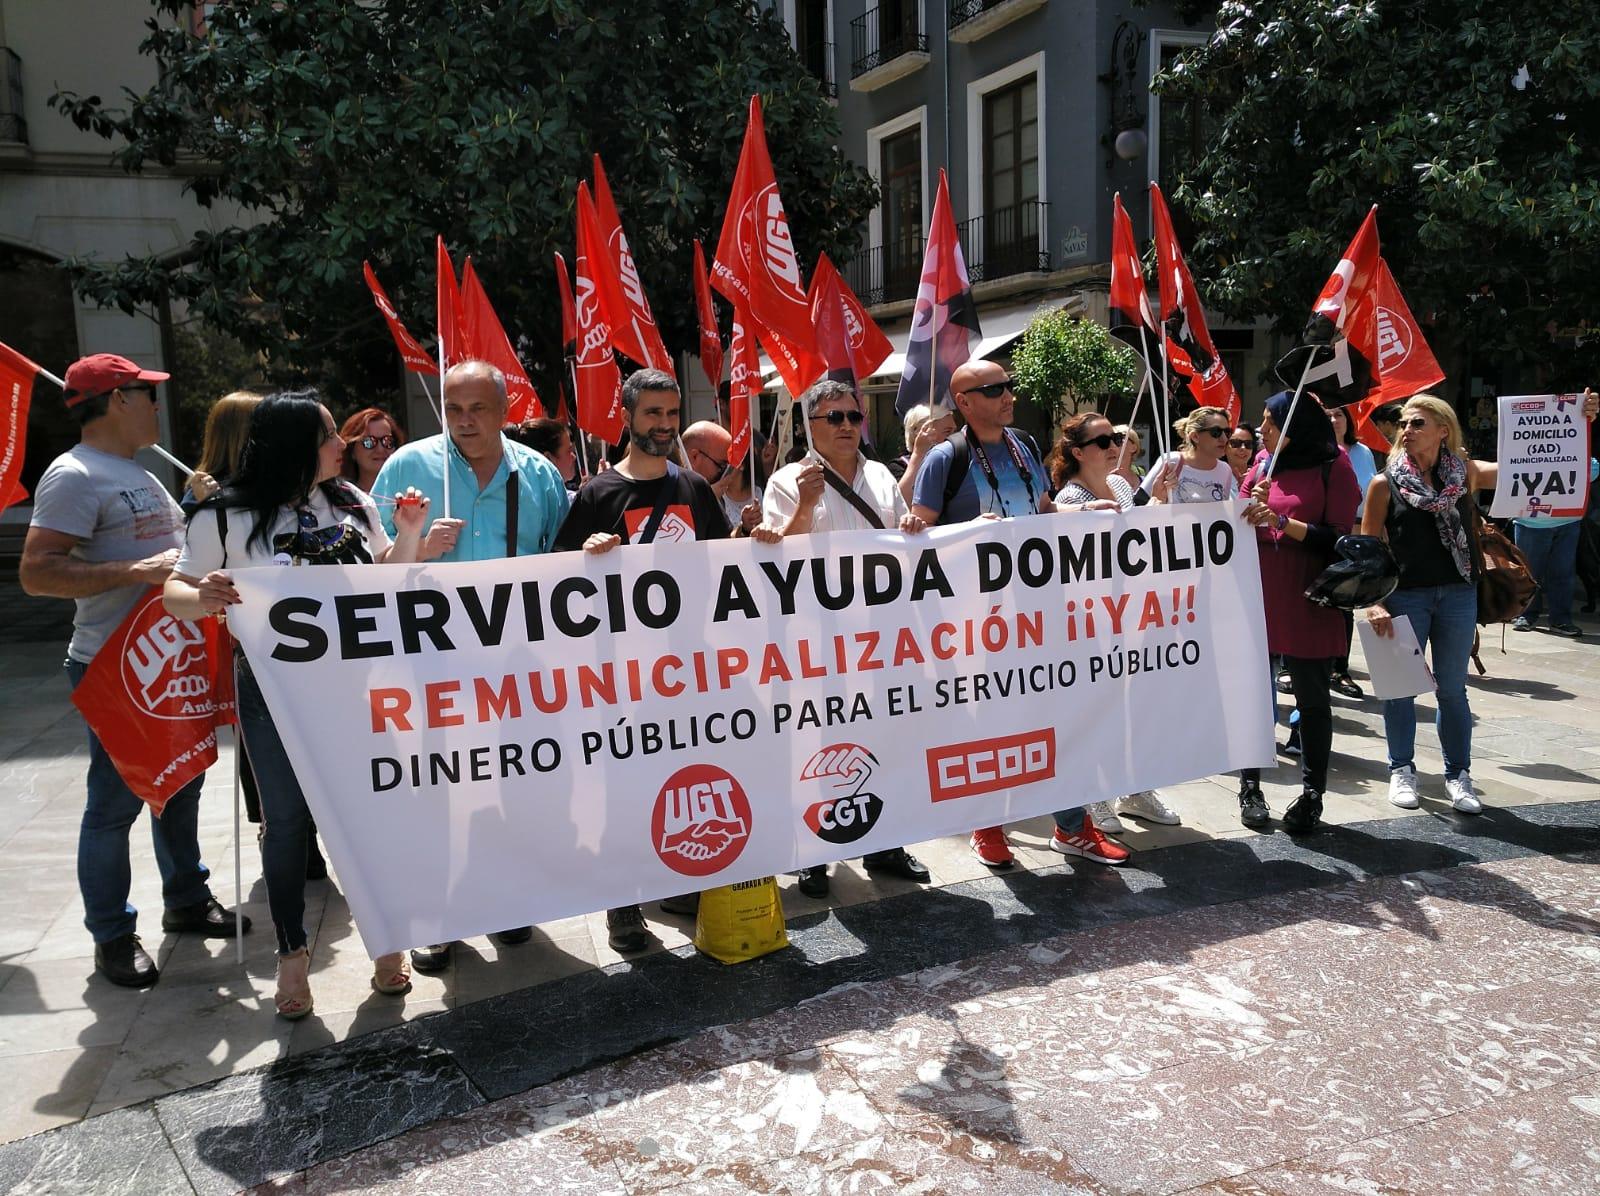 Se suspende el procedimiento de contratación de la Ayuda a Domicilio en Pinos Puente